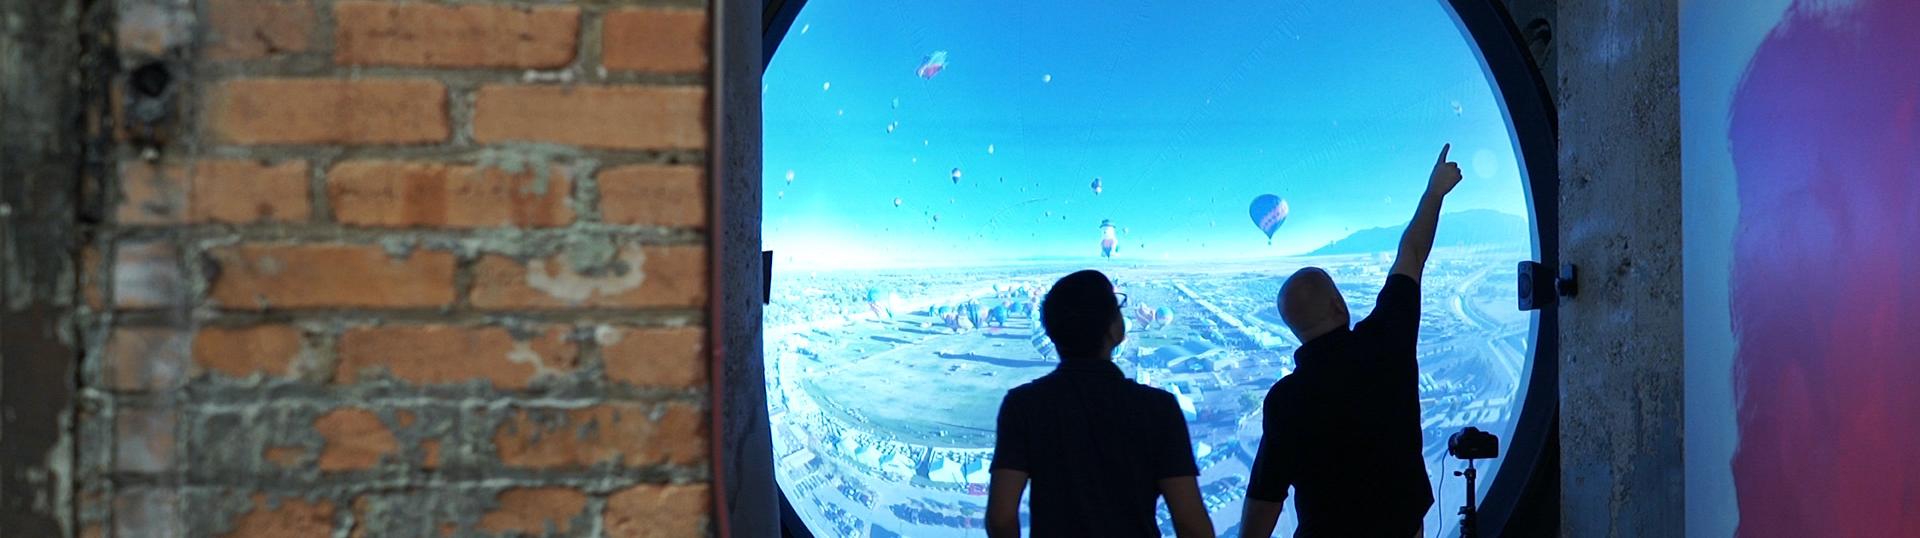 flight-simulator-banner